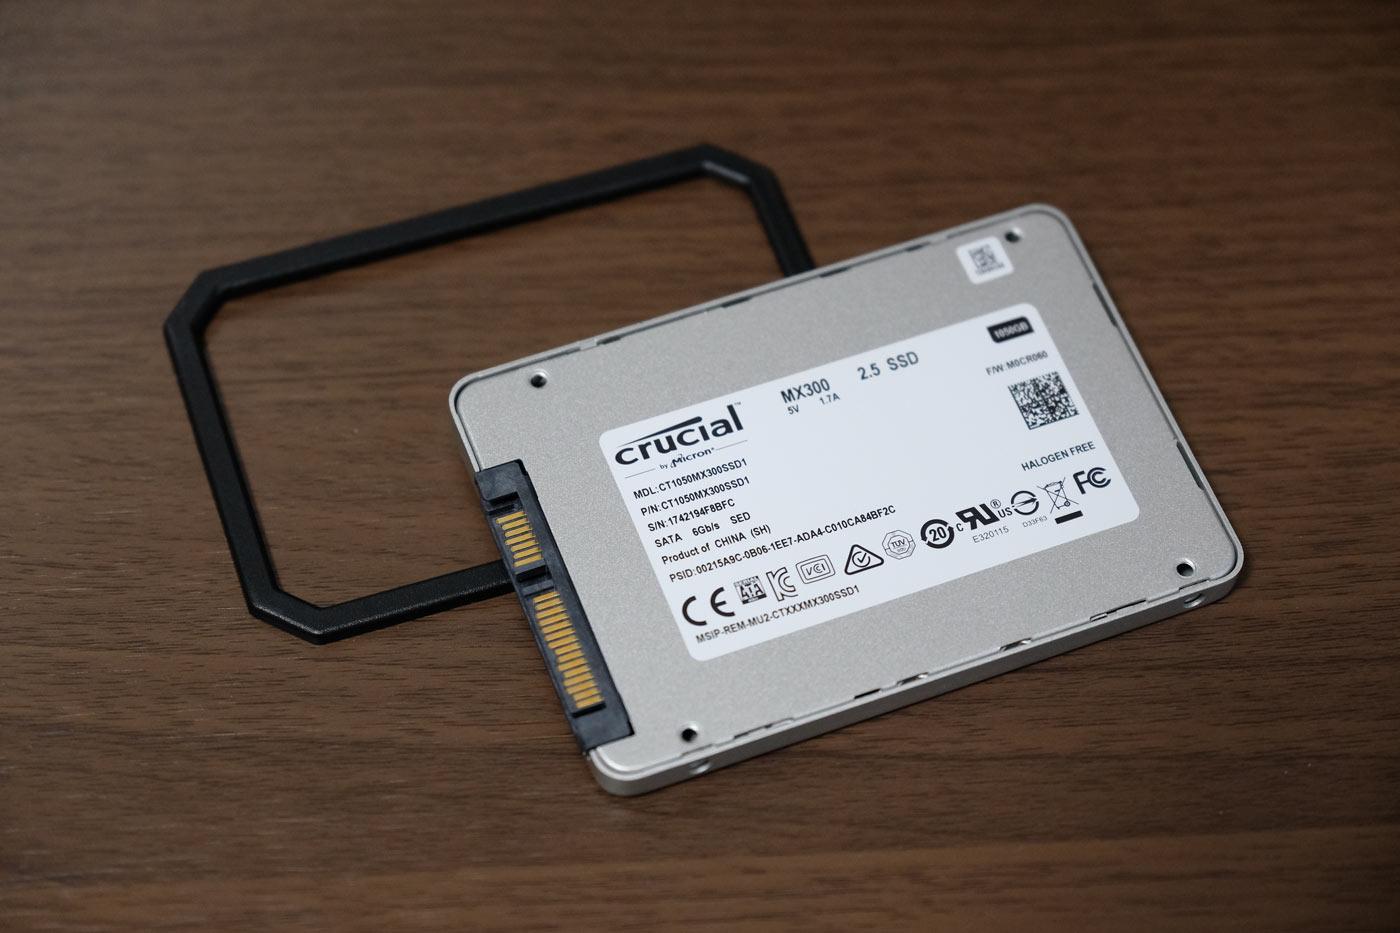 Crucial [Micron製] MX300 外観